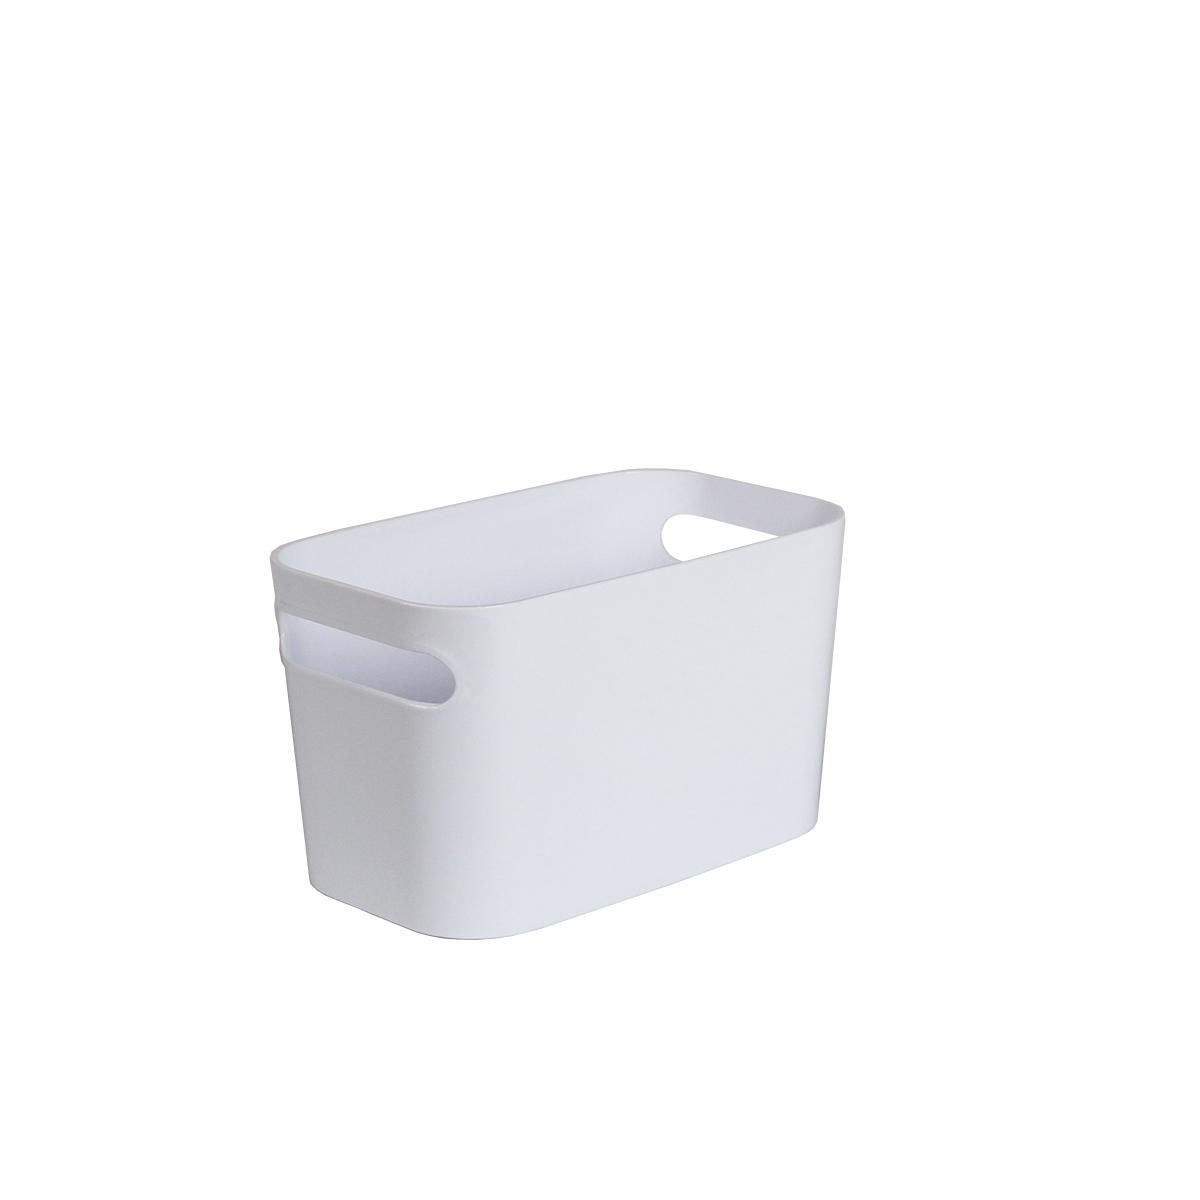 bac en plastique blanc rectangulaire avec 2 poignées